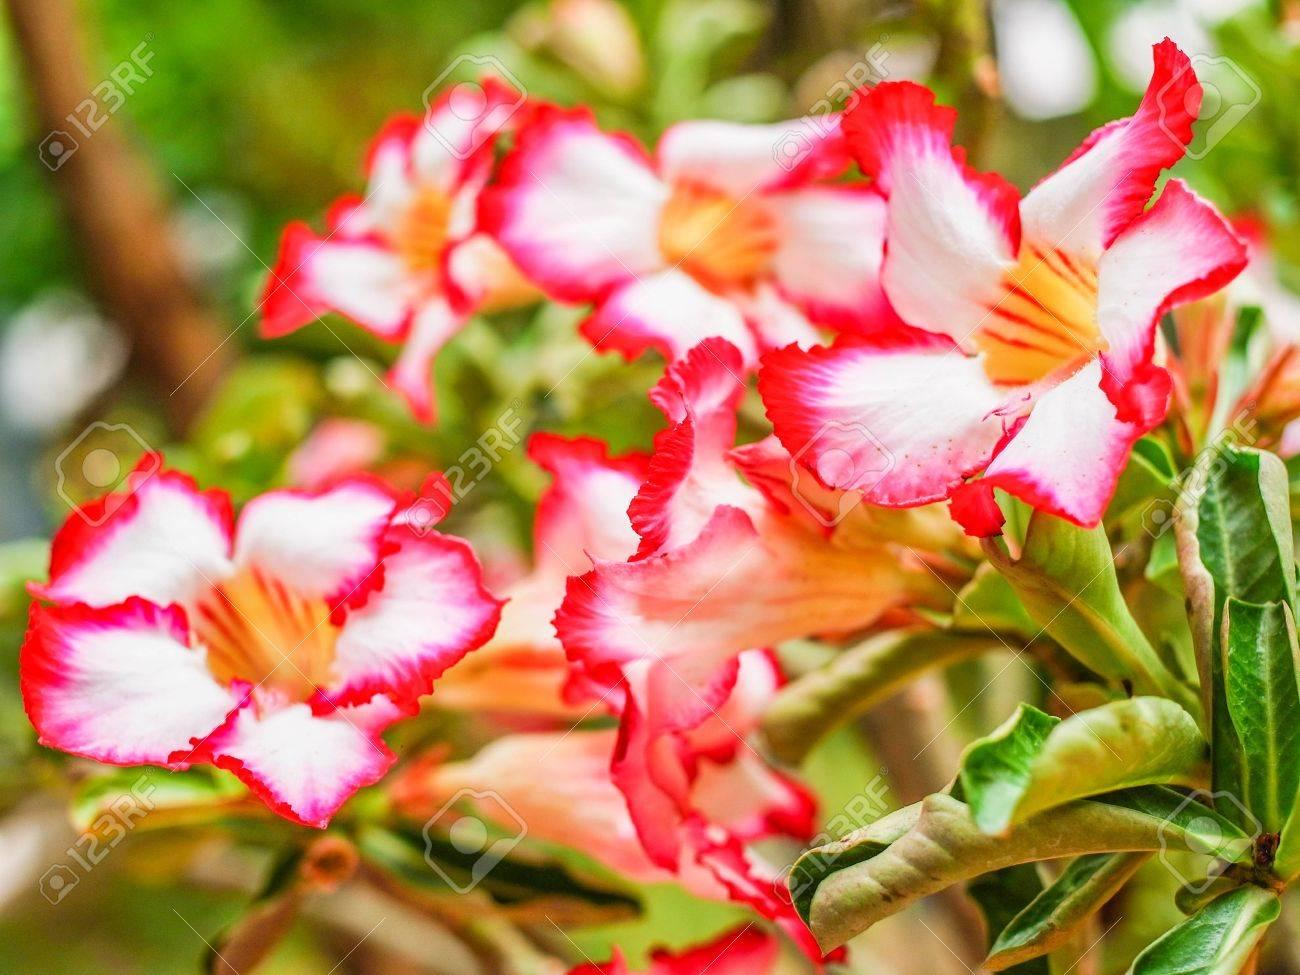 Un rbol Con Flores Hermosas Y El Nombre De Buen Augurio Fotos